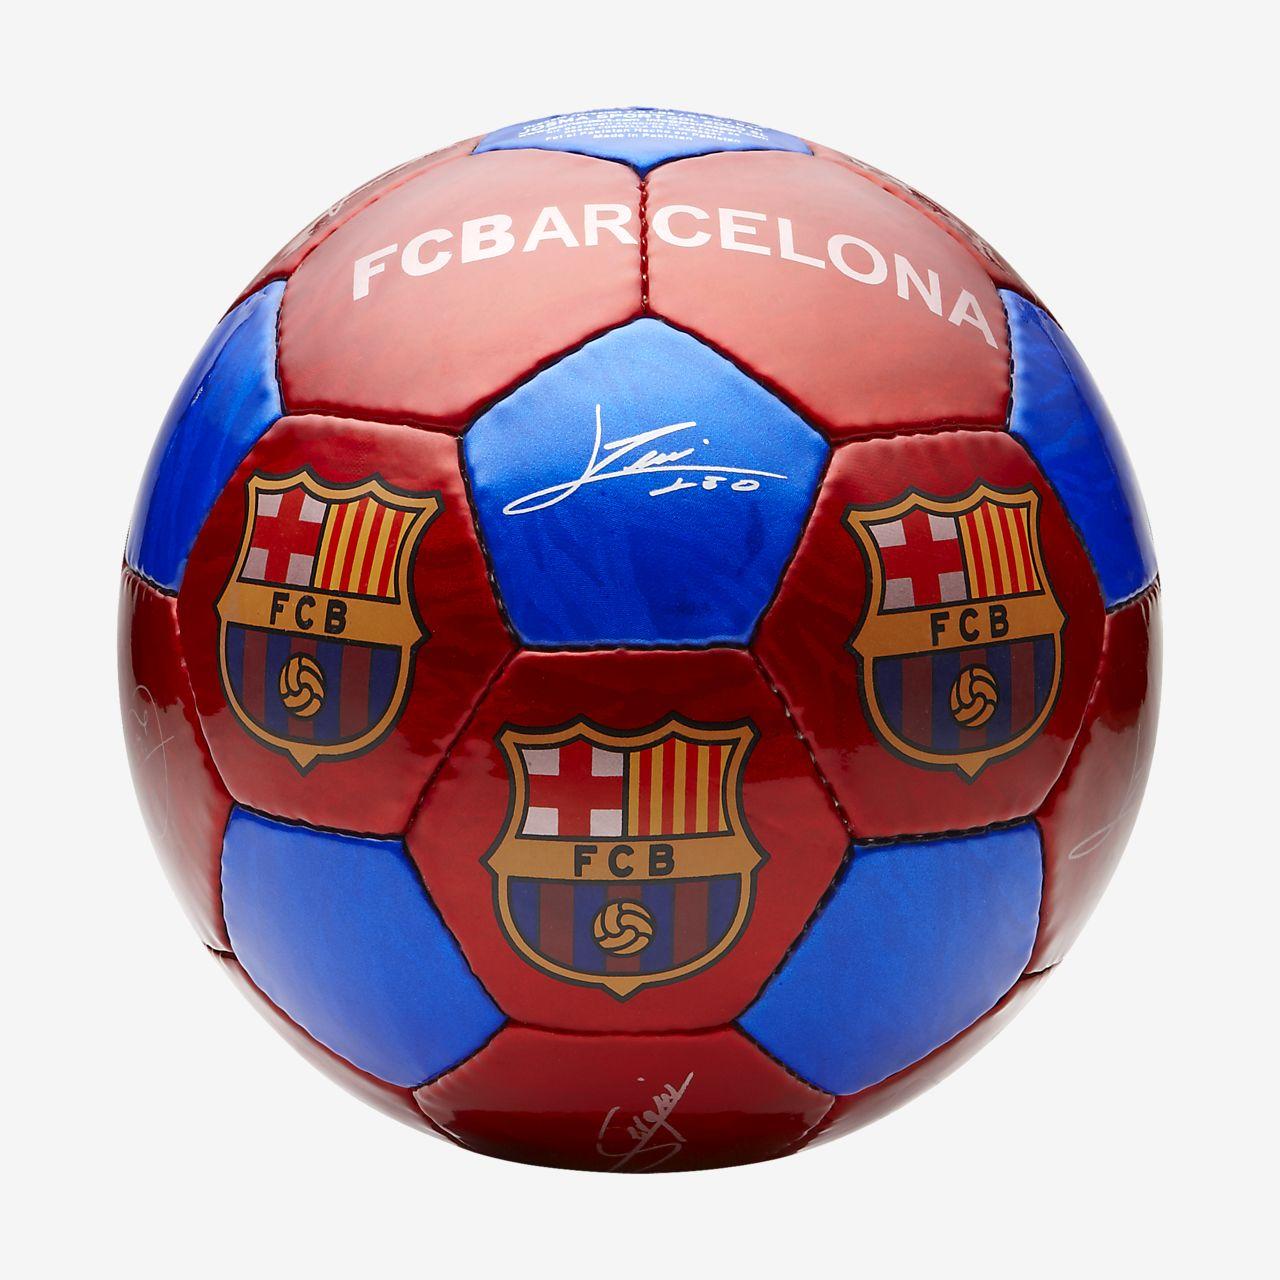 Ballon de football de grande taille FC Barcelona